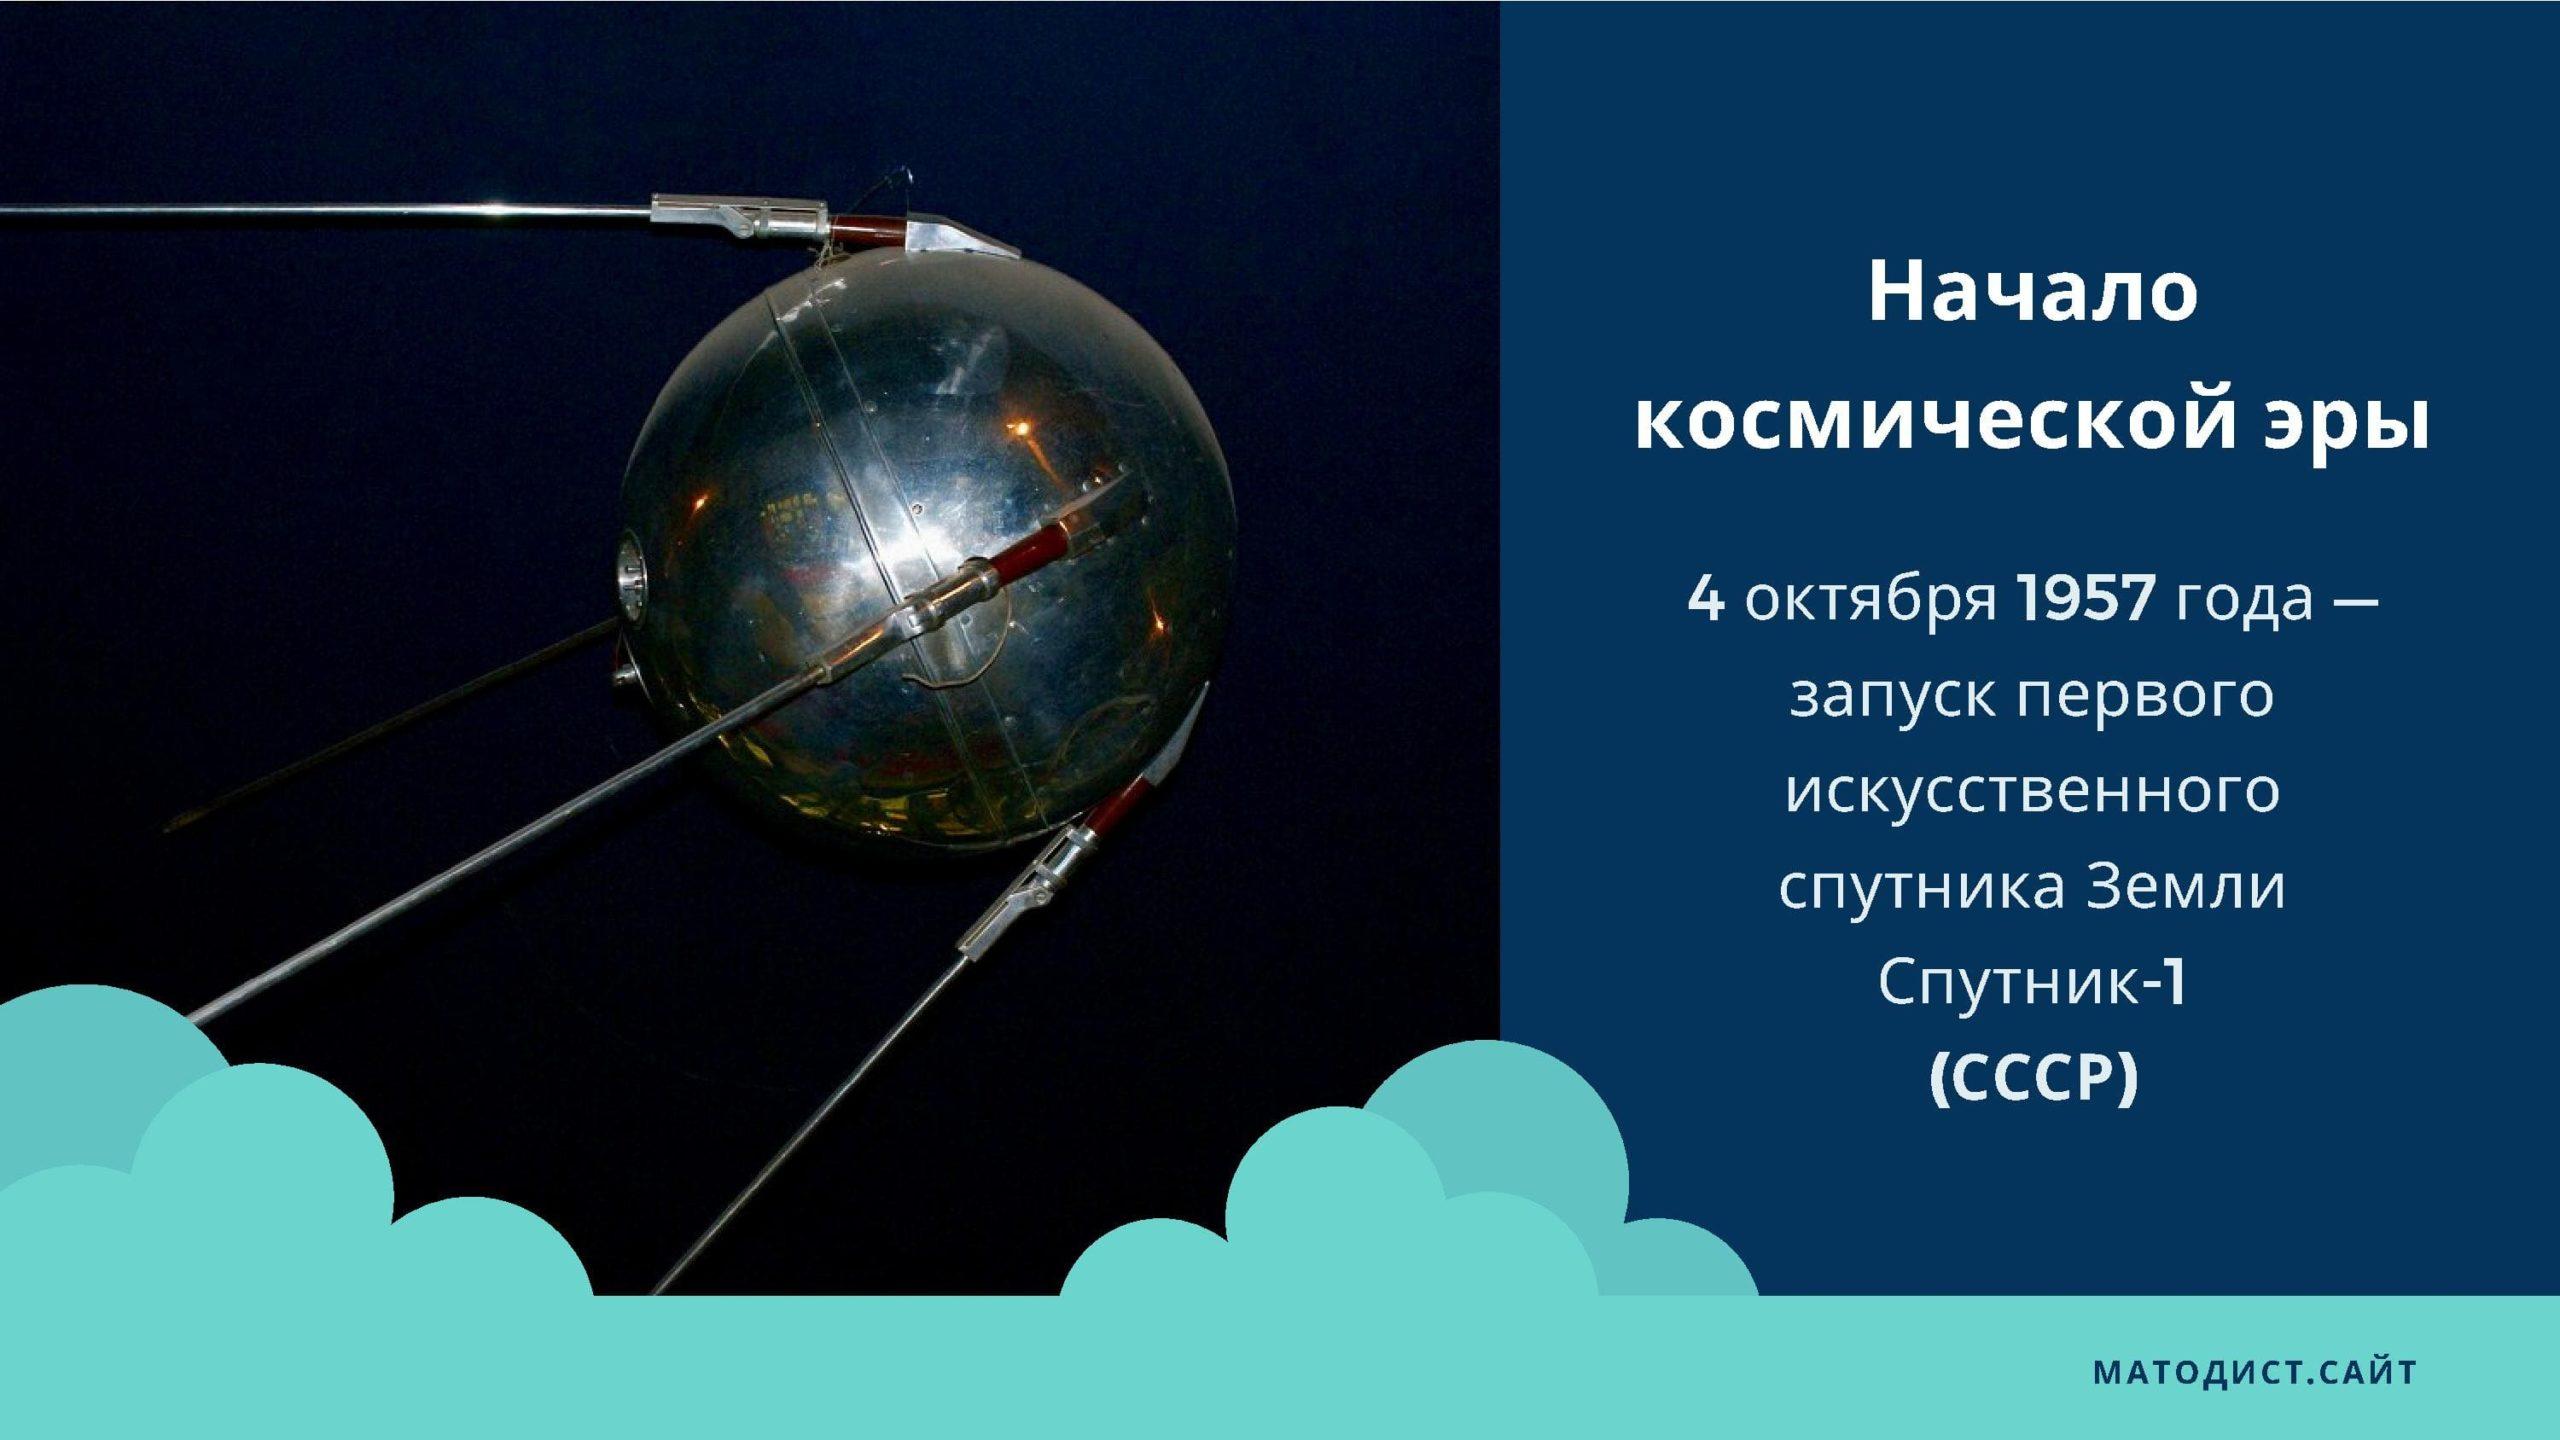 Начало космической эры 4 октября 1957 года